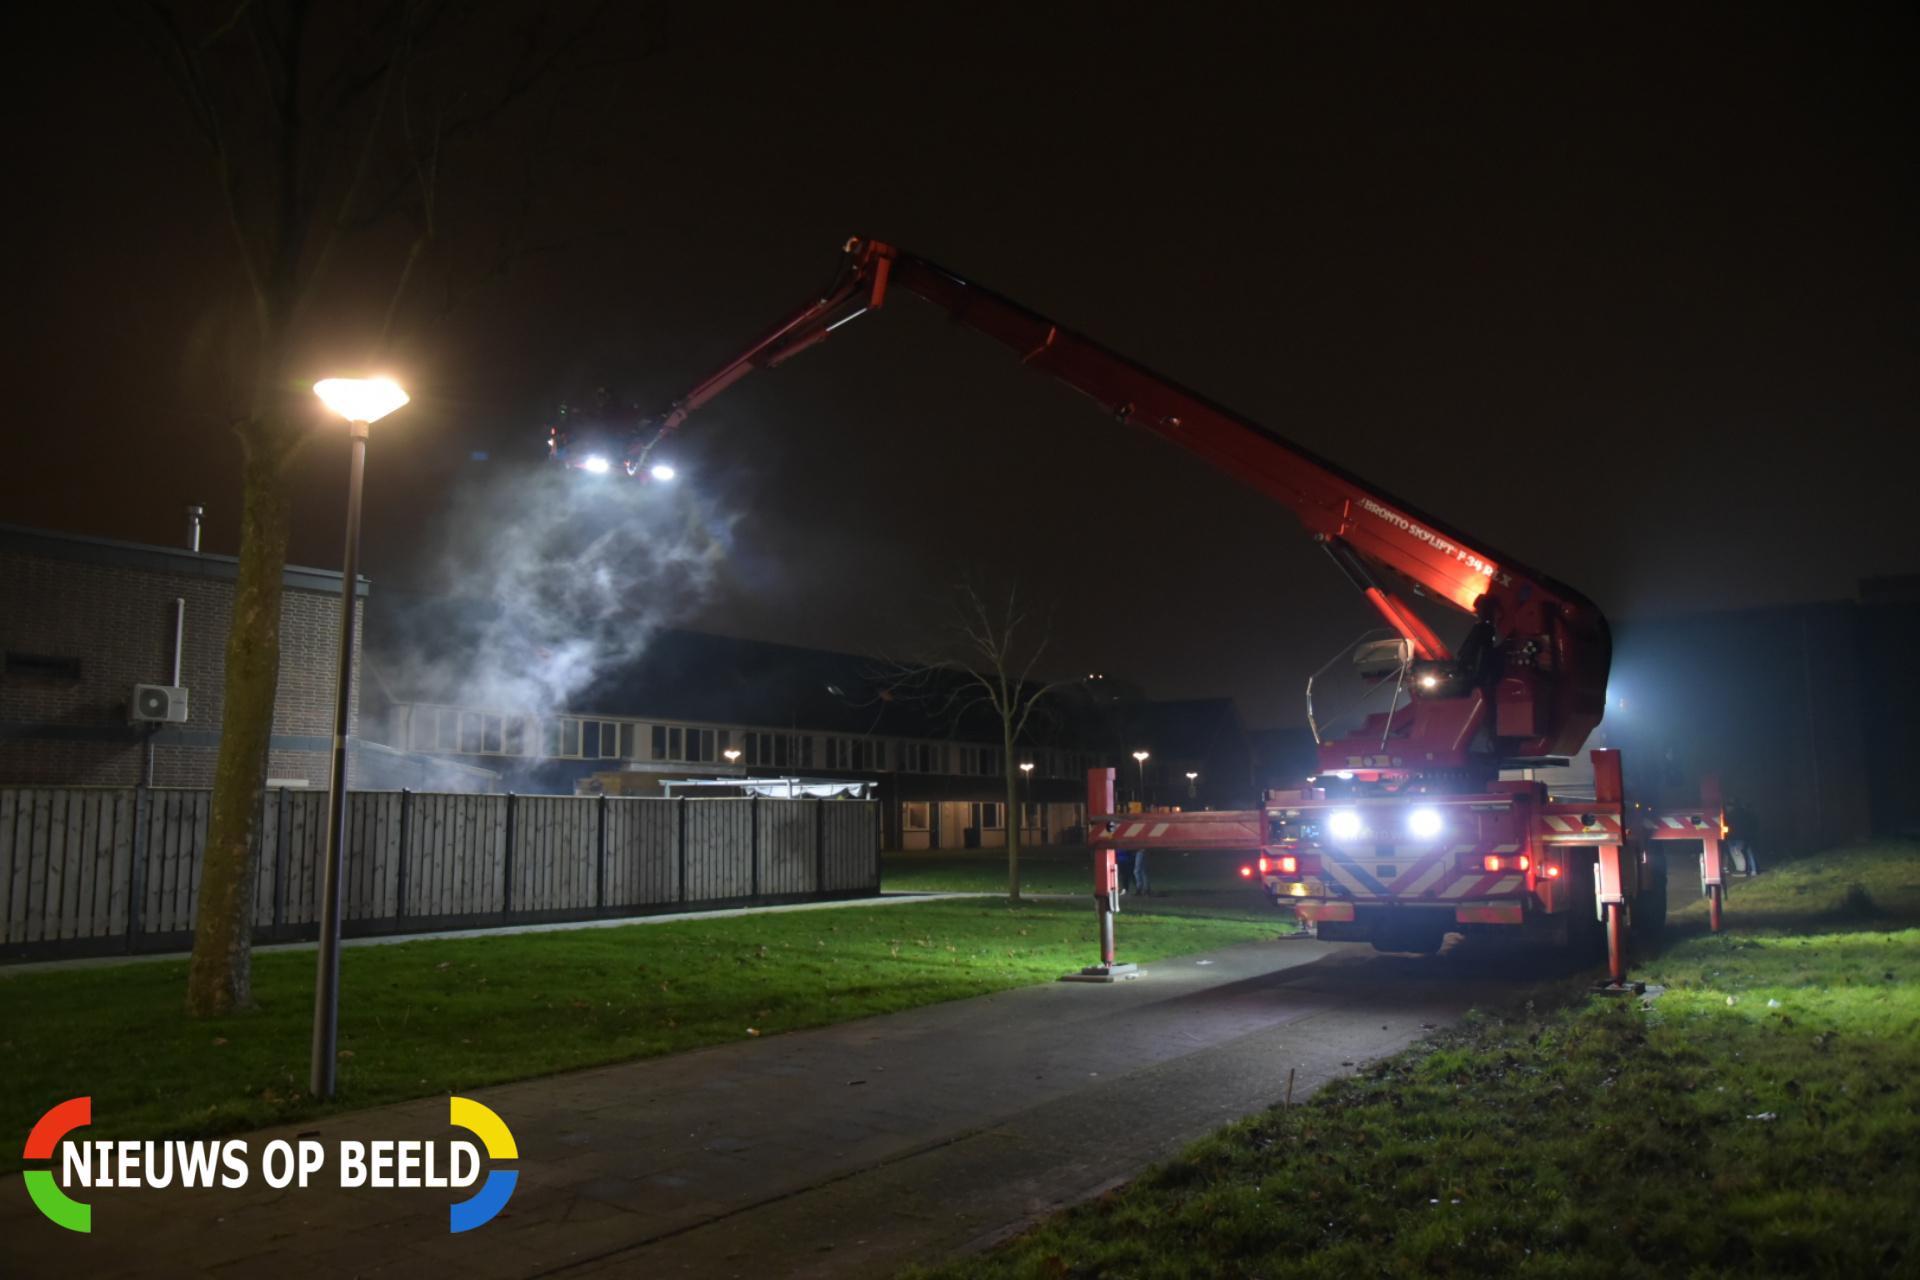 Slaapkamer woning verwoest door brand Rigolettostraat Hoogvliet Rotterdam